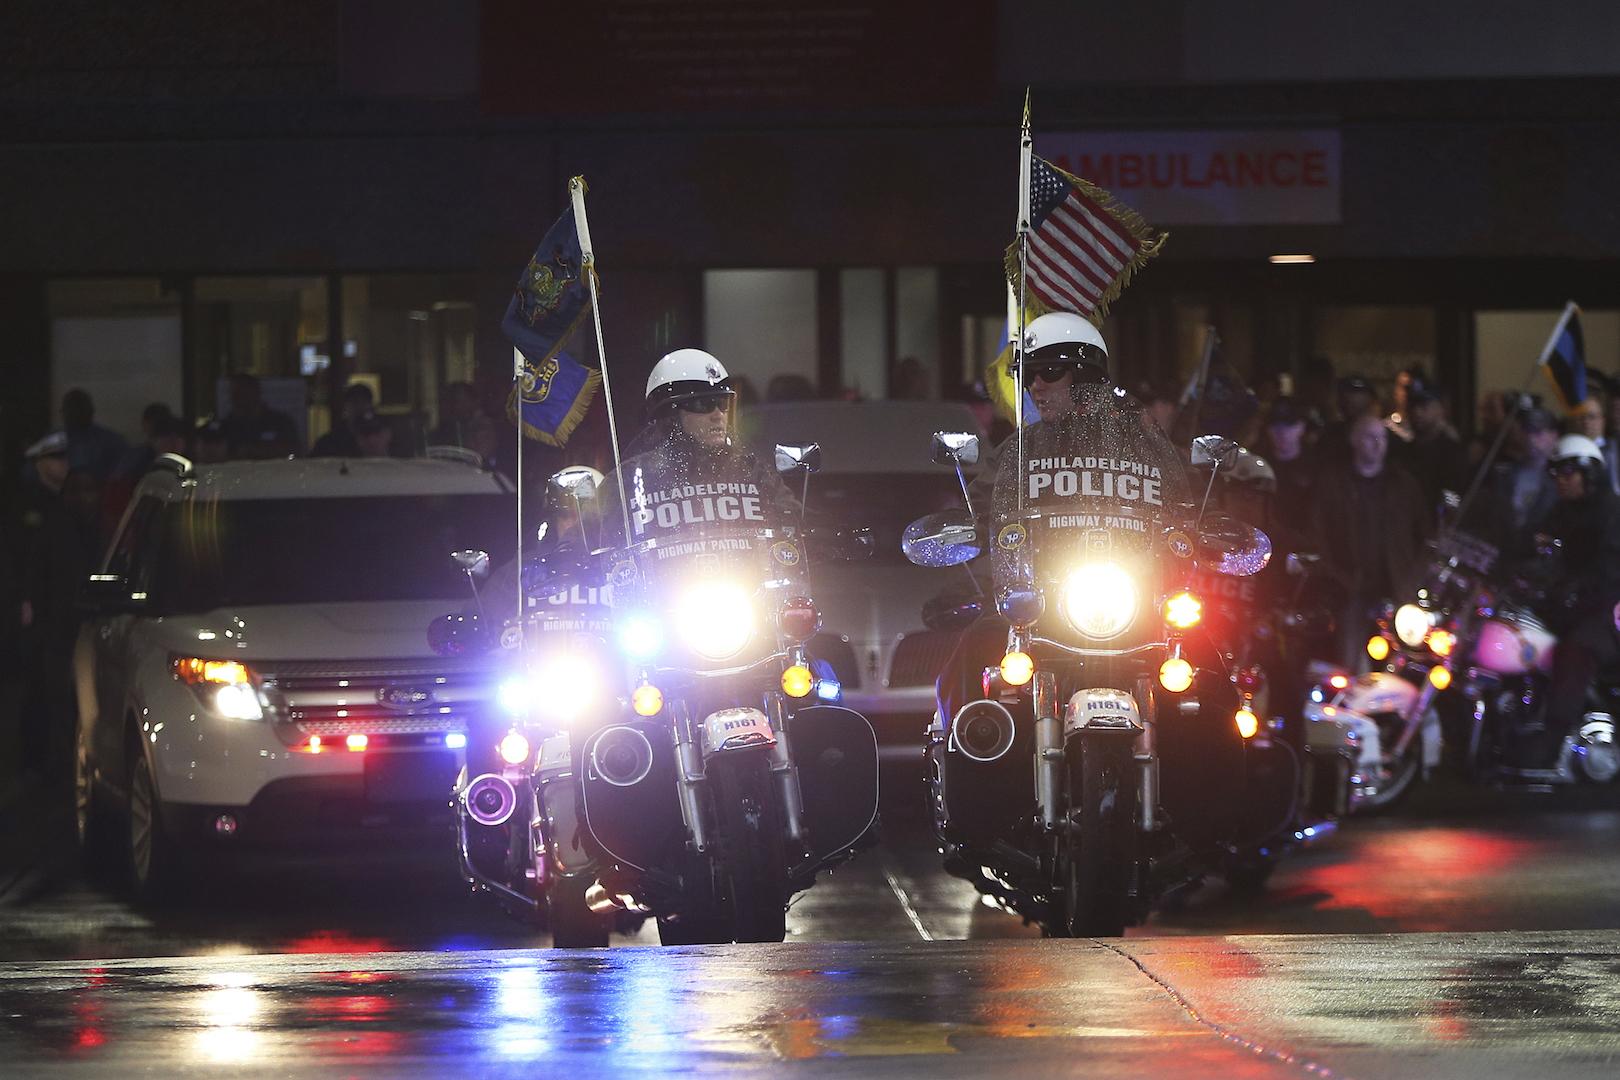 Philadelphia police highway patrol officers